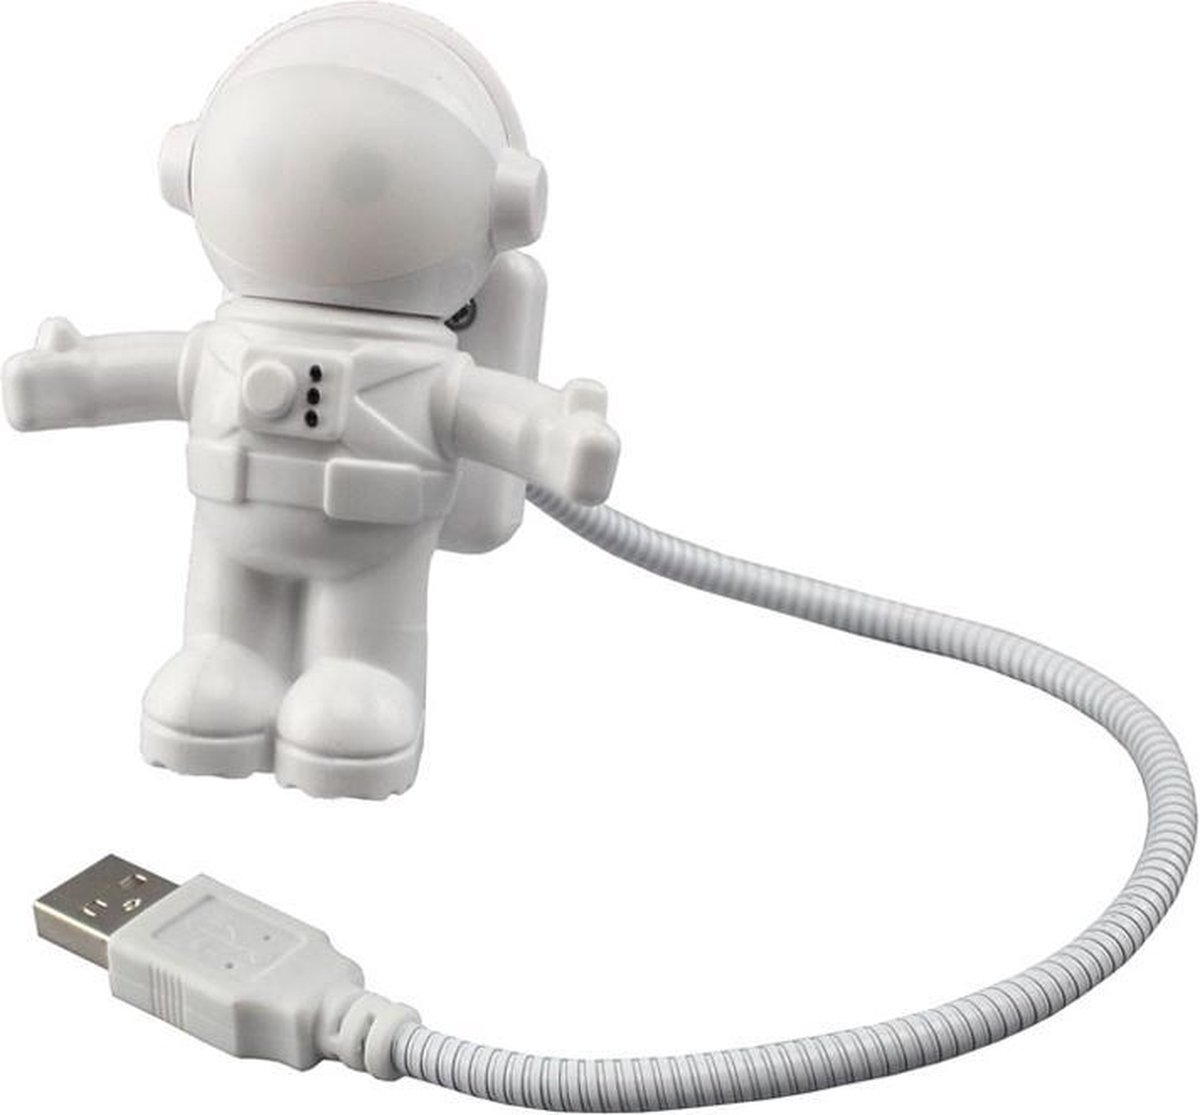 MaxiQualis® USB LED Nachtlampje Astronaut - Flexibel Verstelbaar Nachtlampje Mini-bureaulamp LED-leeslampje voor het lezen van PC/laptop Tablet